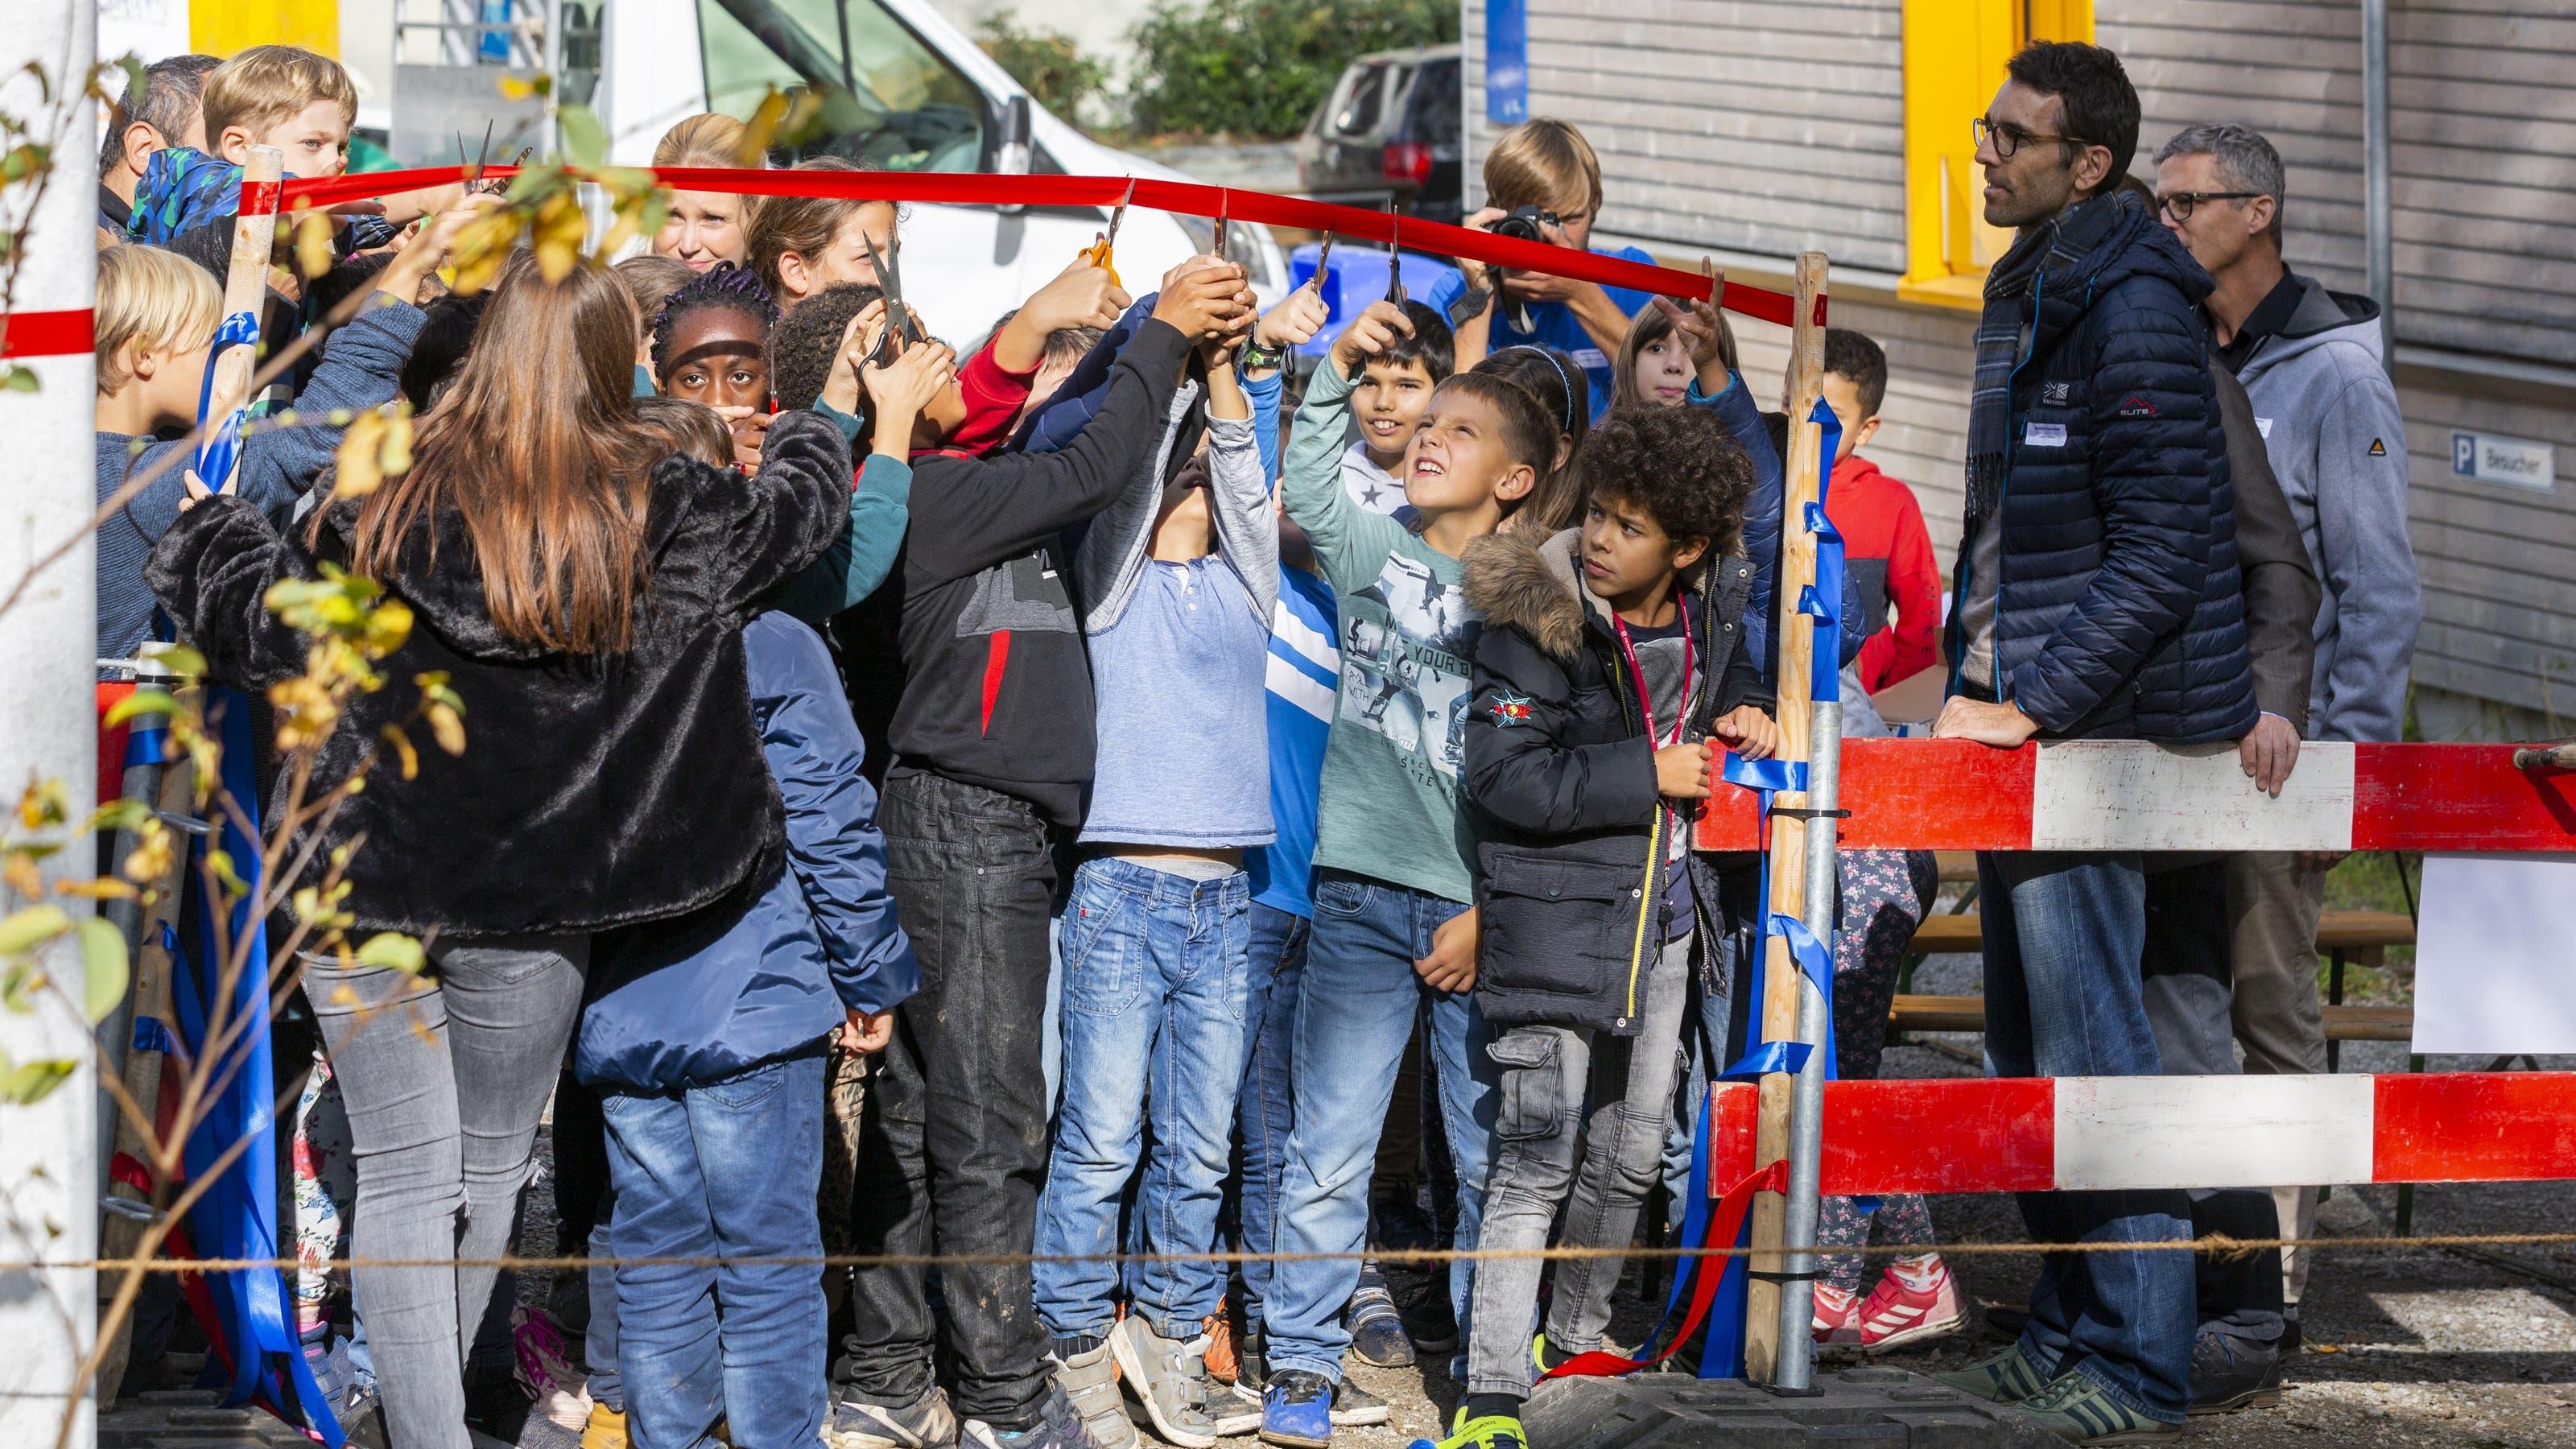 Für die Eröffnung des Spielplatzes wurden mehrere Bänder zerschnitten. Das letzte Band durchtrennten die Kinder.